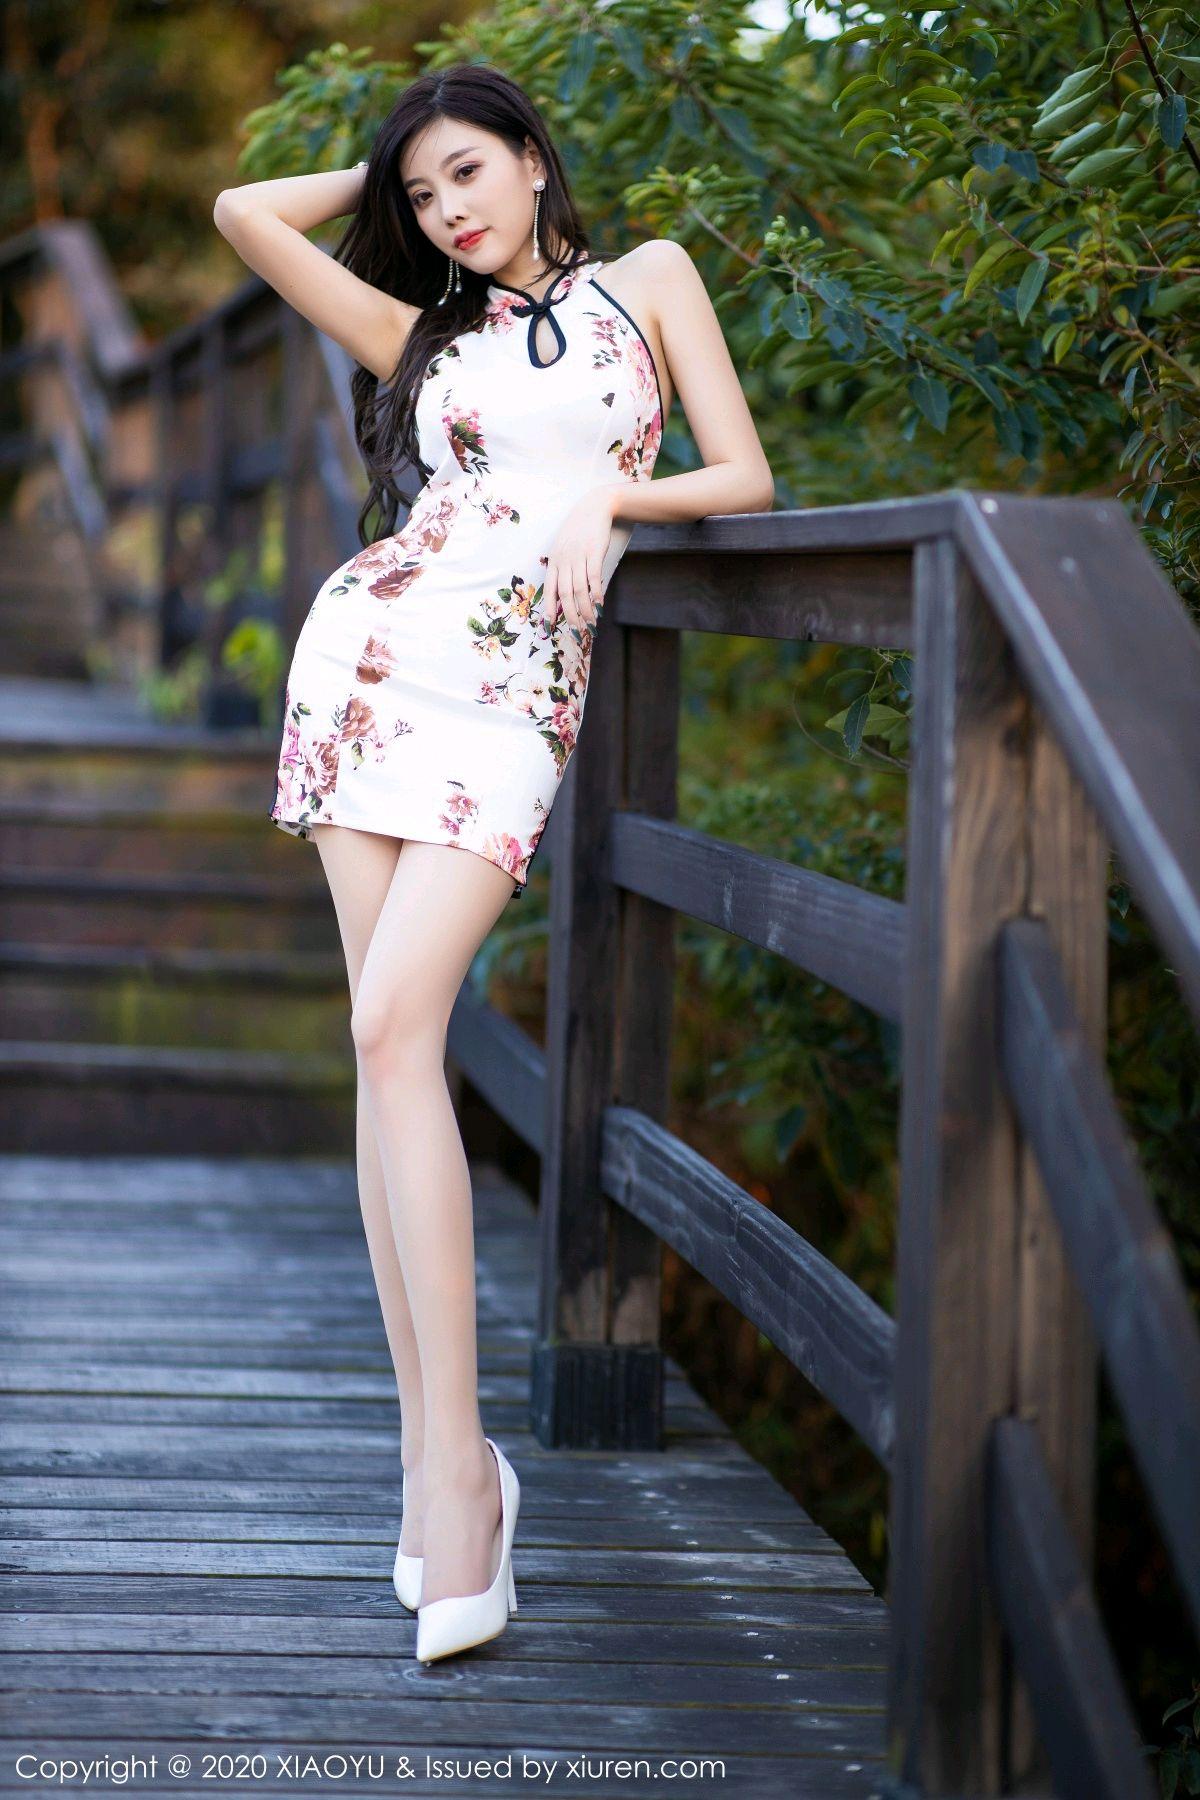 [XiaoYu] Vol.233 Yang Chen Chen 63P, Cheongsam, Foot, XiaoYu, Yang Chen Chen